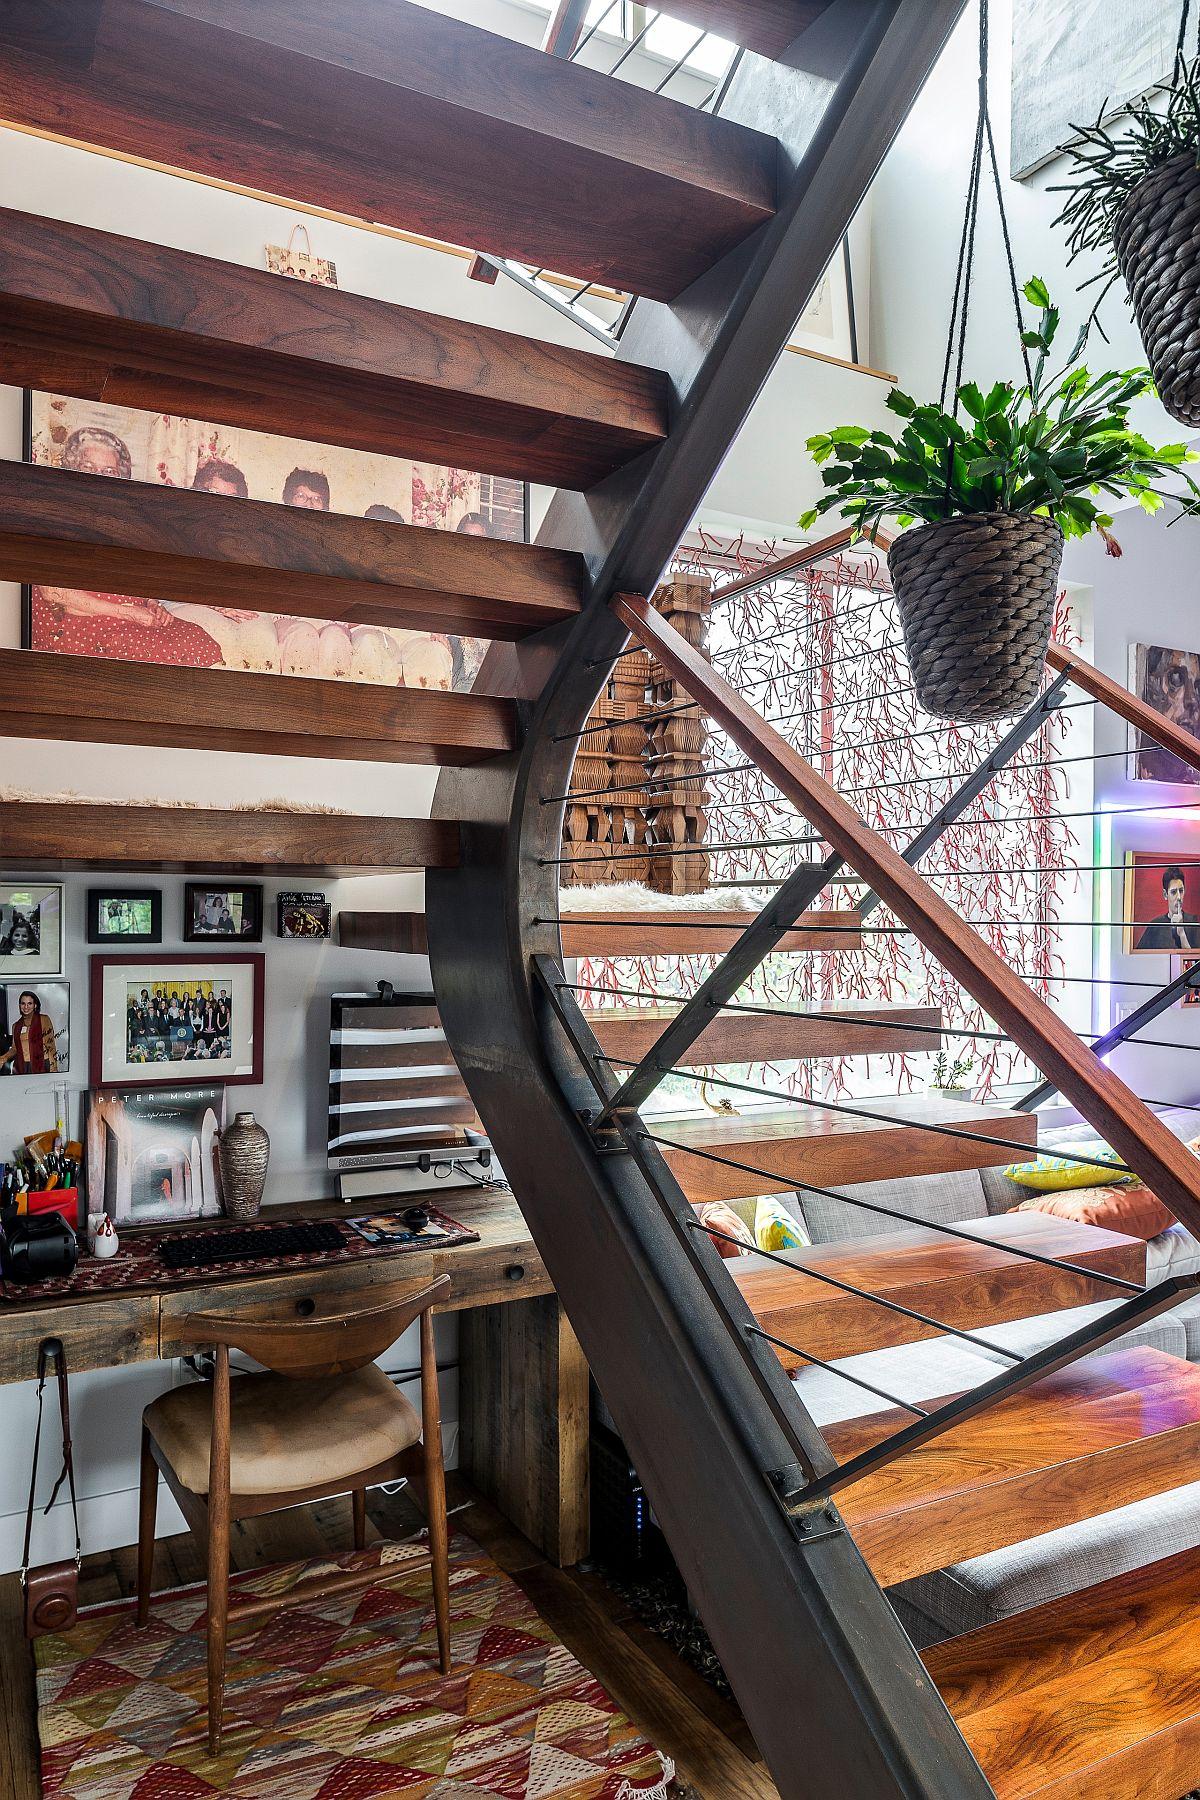 Phòng làm việc nhỏ tại nhà với phong cách chiết trung đầy màu sắc - Ảnh 4.